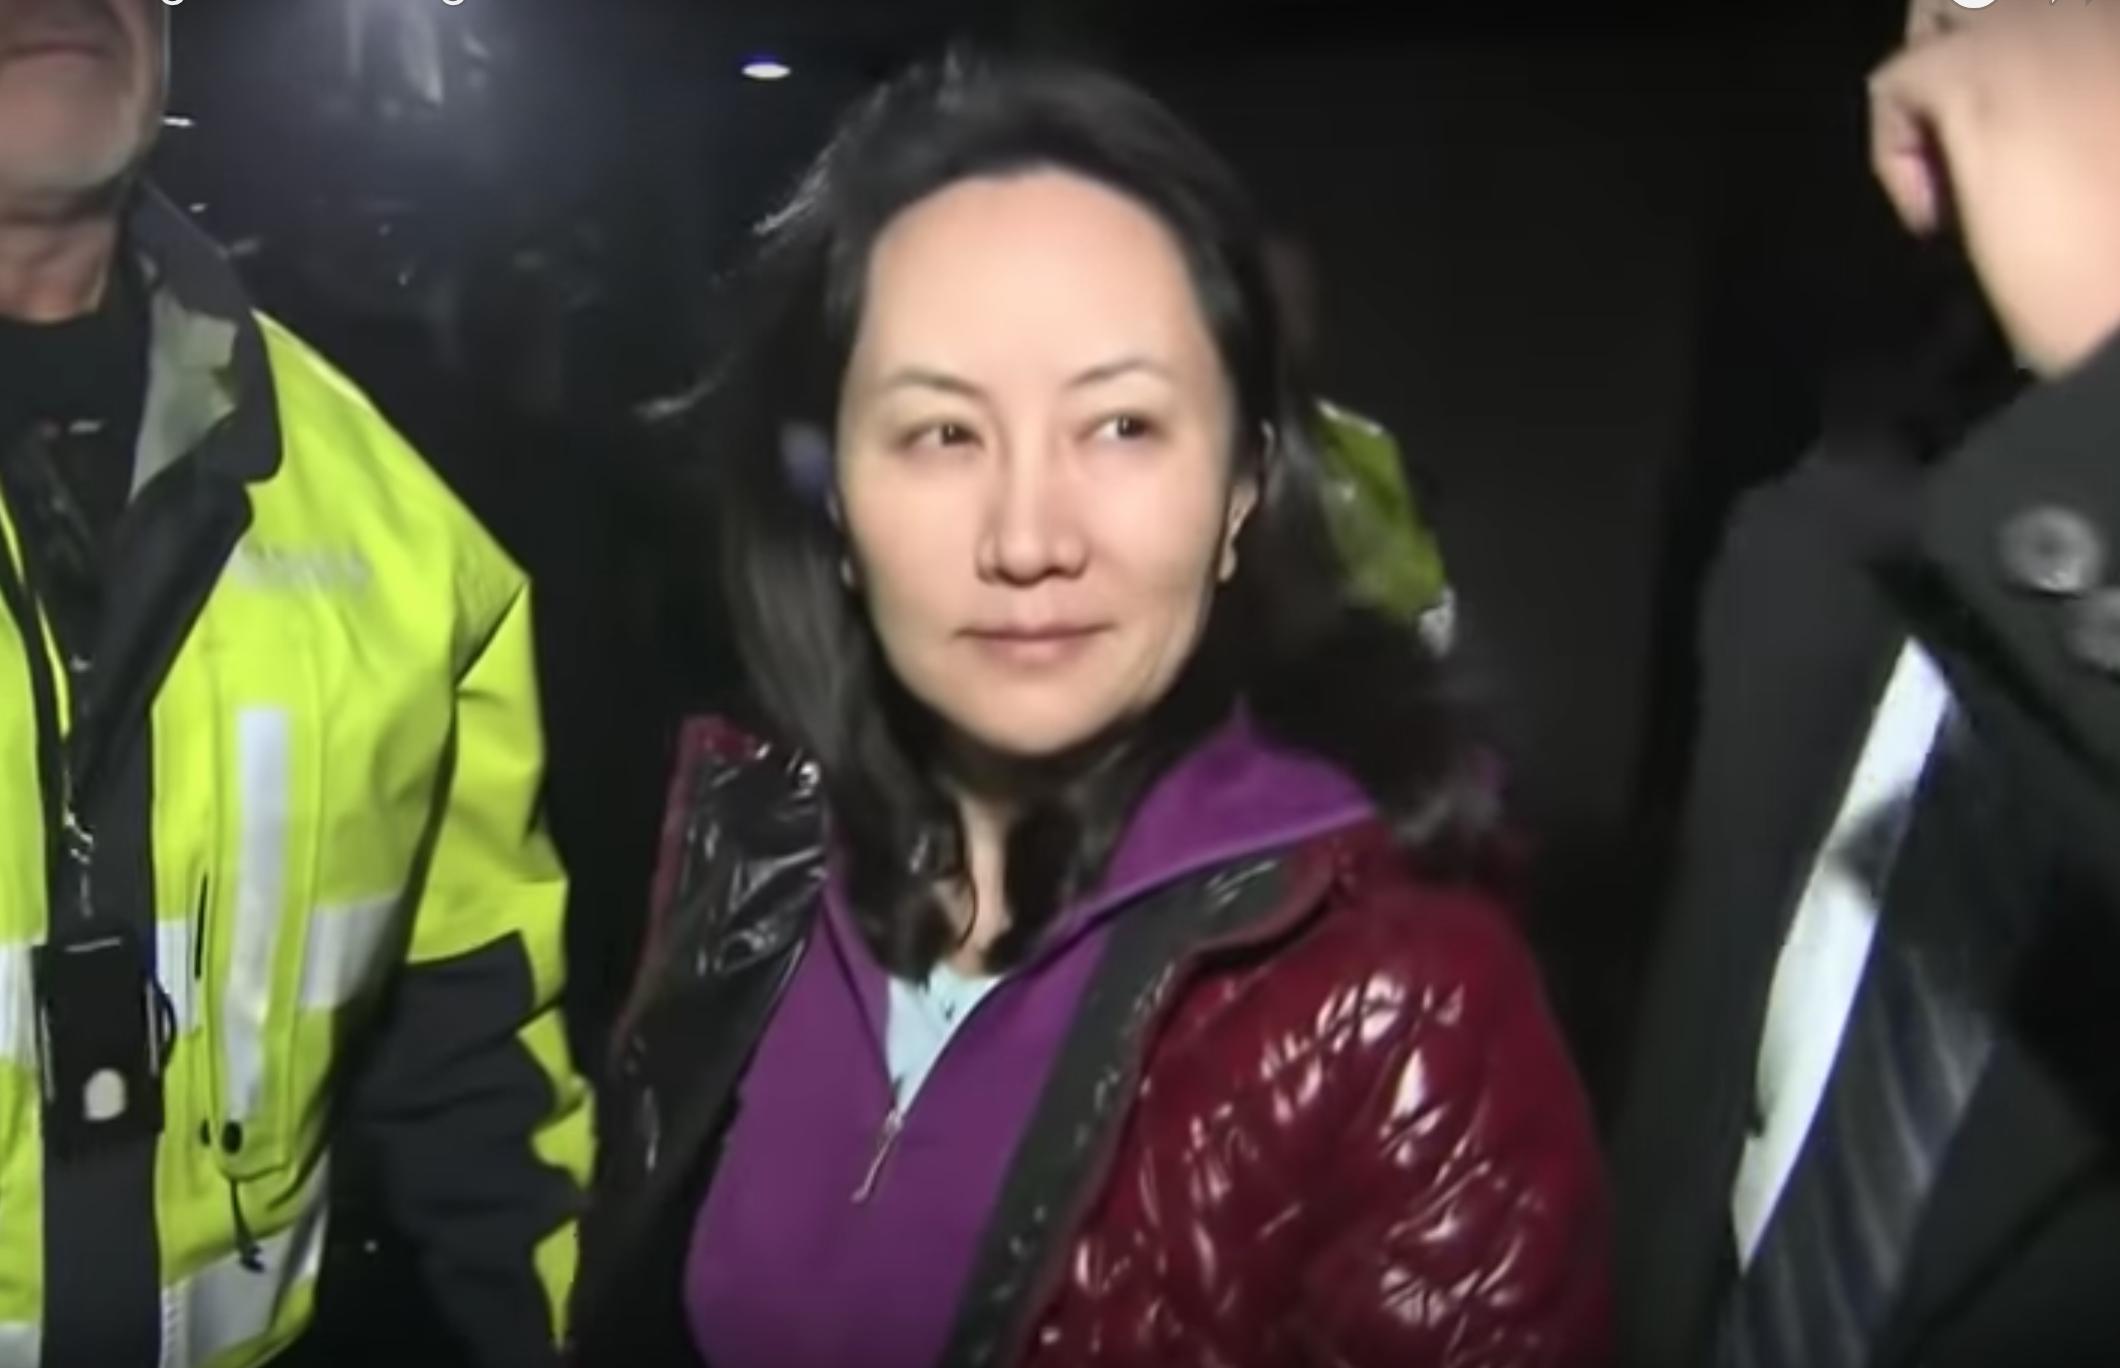 CFO of Huawei, Meng Wanzhou after her court hearing on December 10. (Image: YouTube/Screenshot)